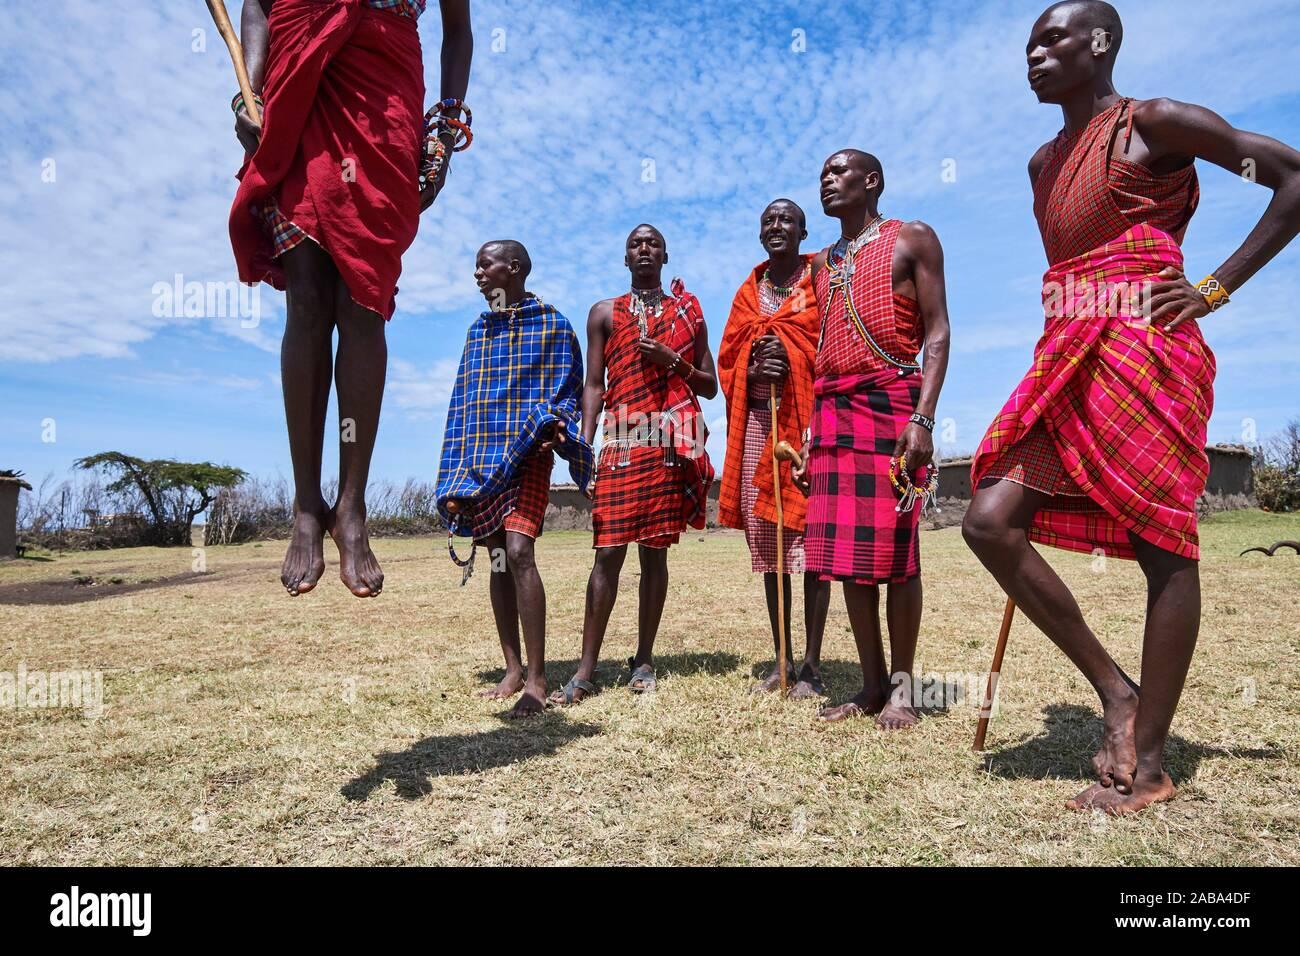 Junge Maasai Männer Durchführen einer traditionellen springen Tanz, Masai Mara National Reserve, Kenia. Stockfoto